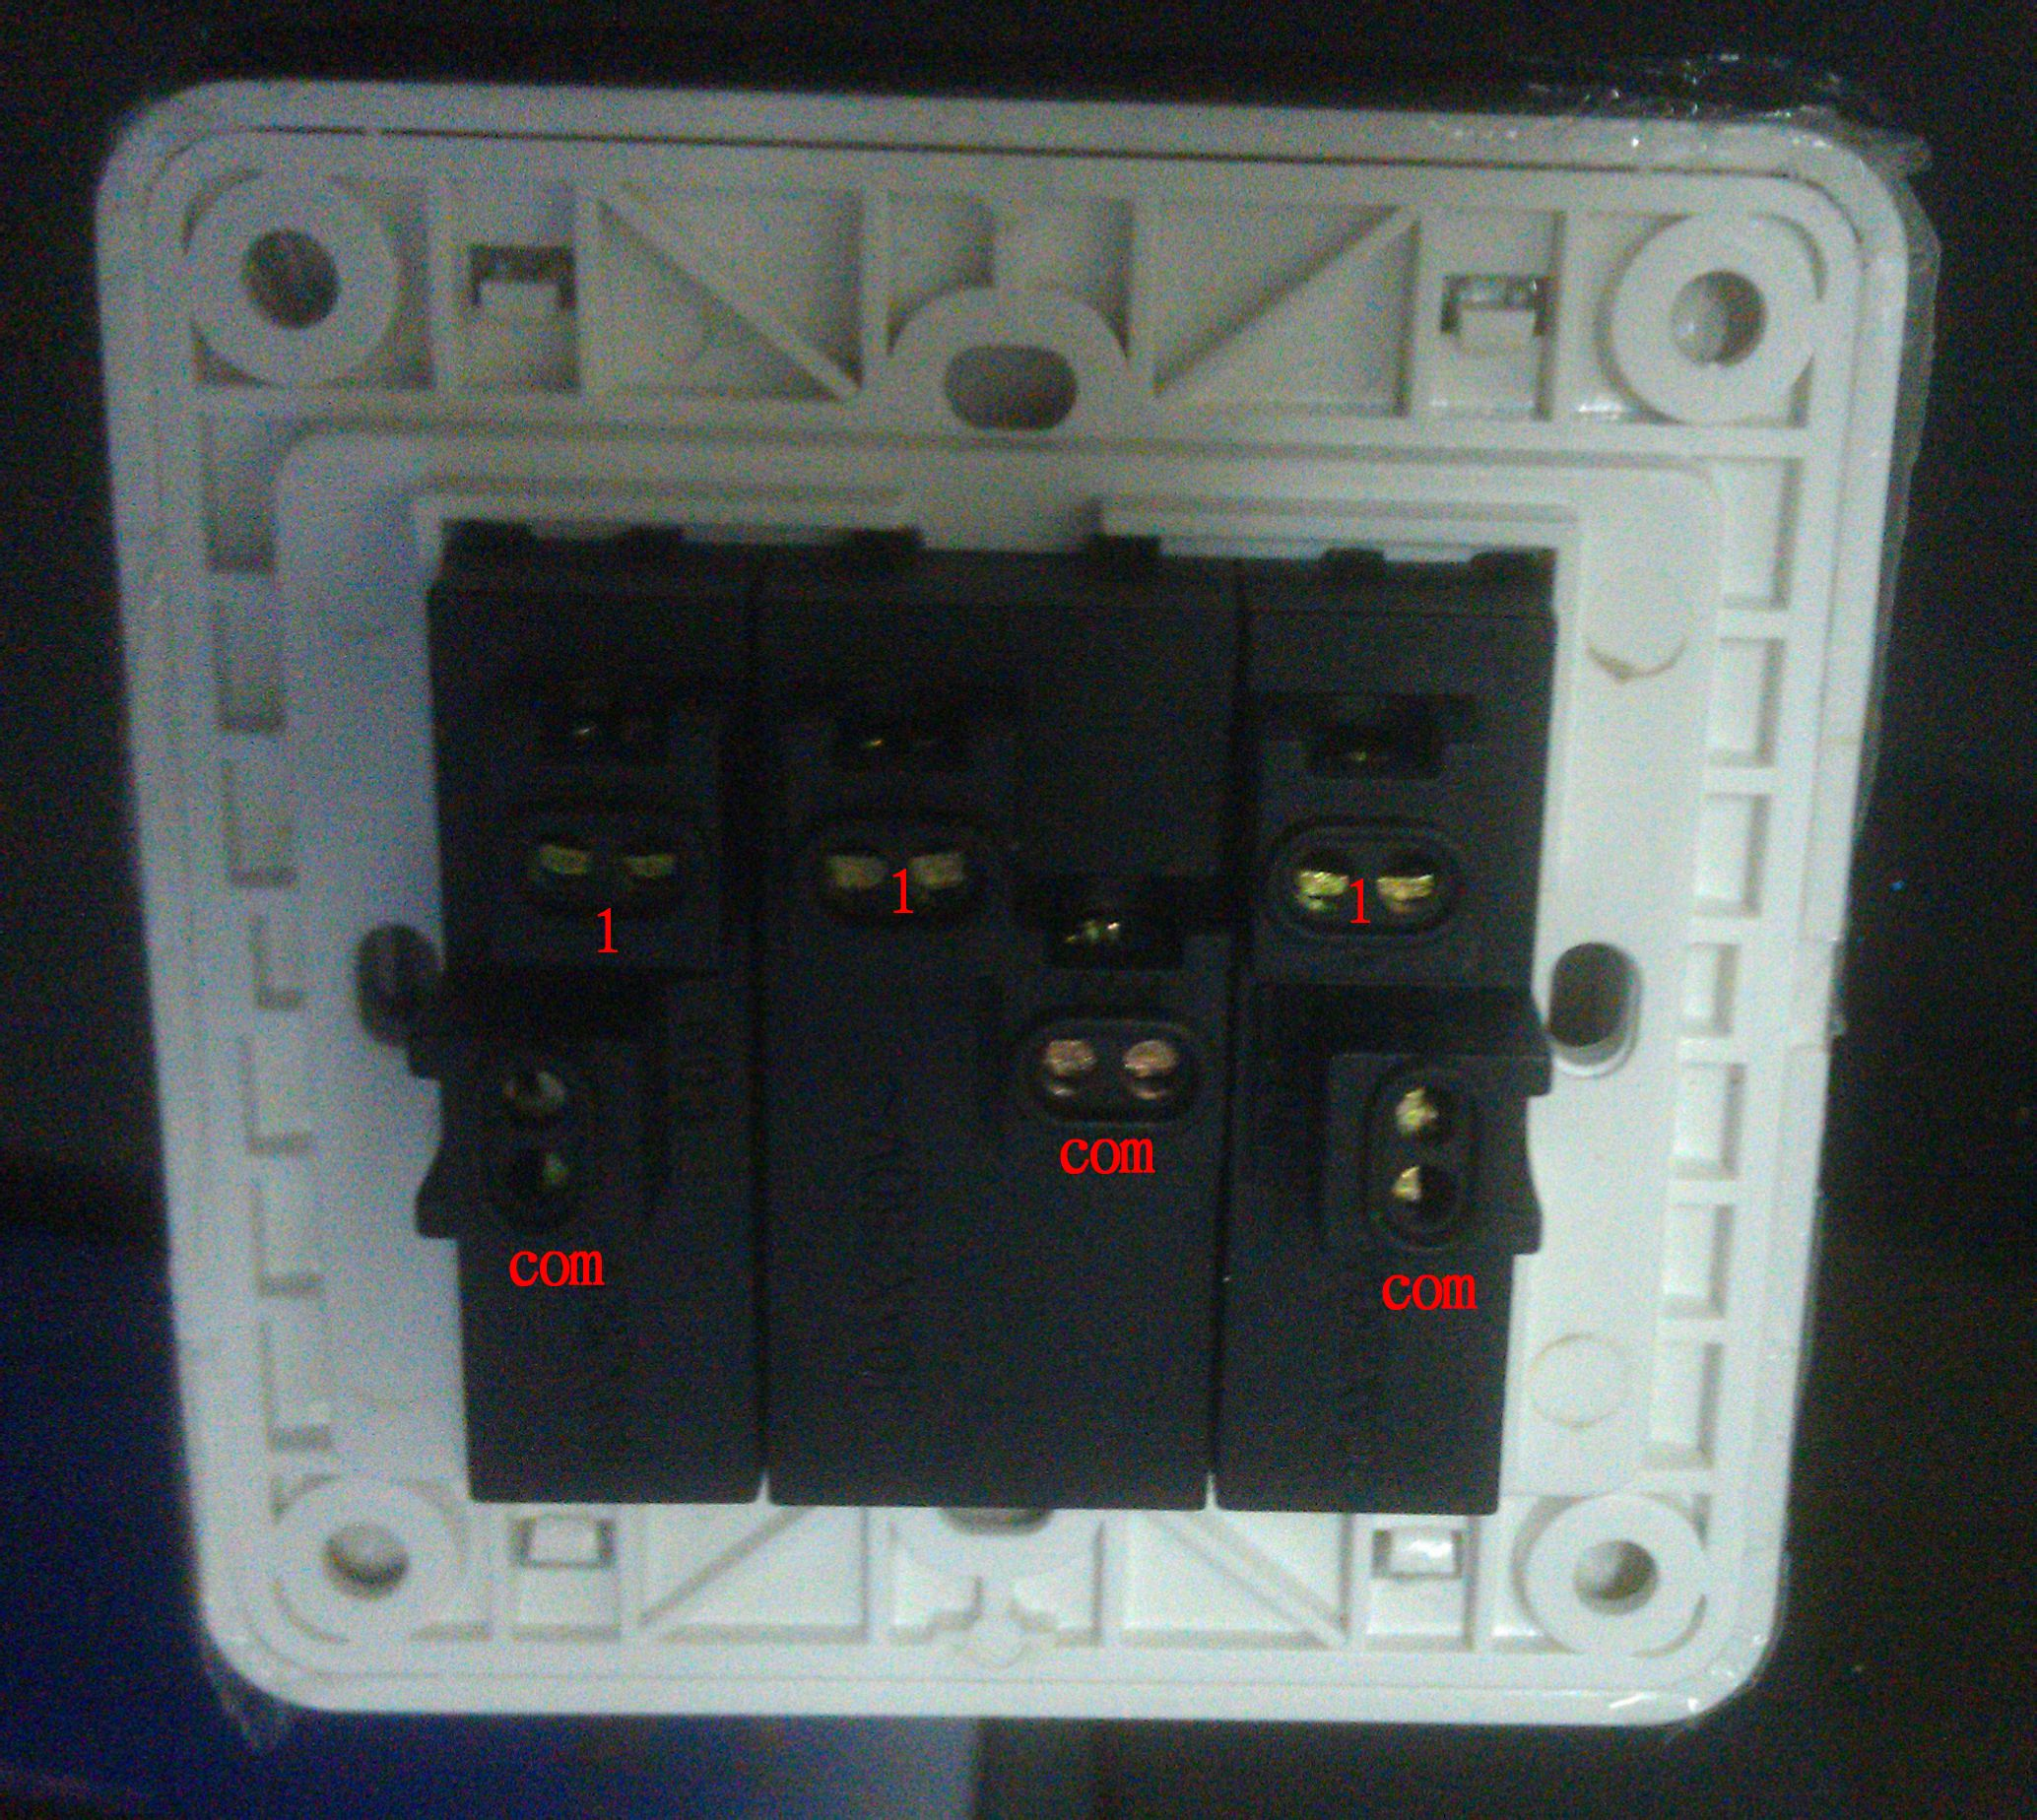 西门子3开单控插座怎么接线,开关上面有6个孔,可以暗盒里面只有4根线图片